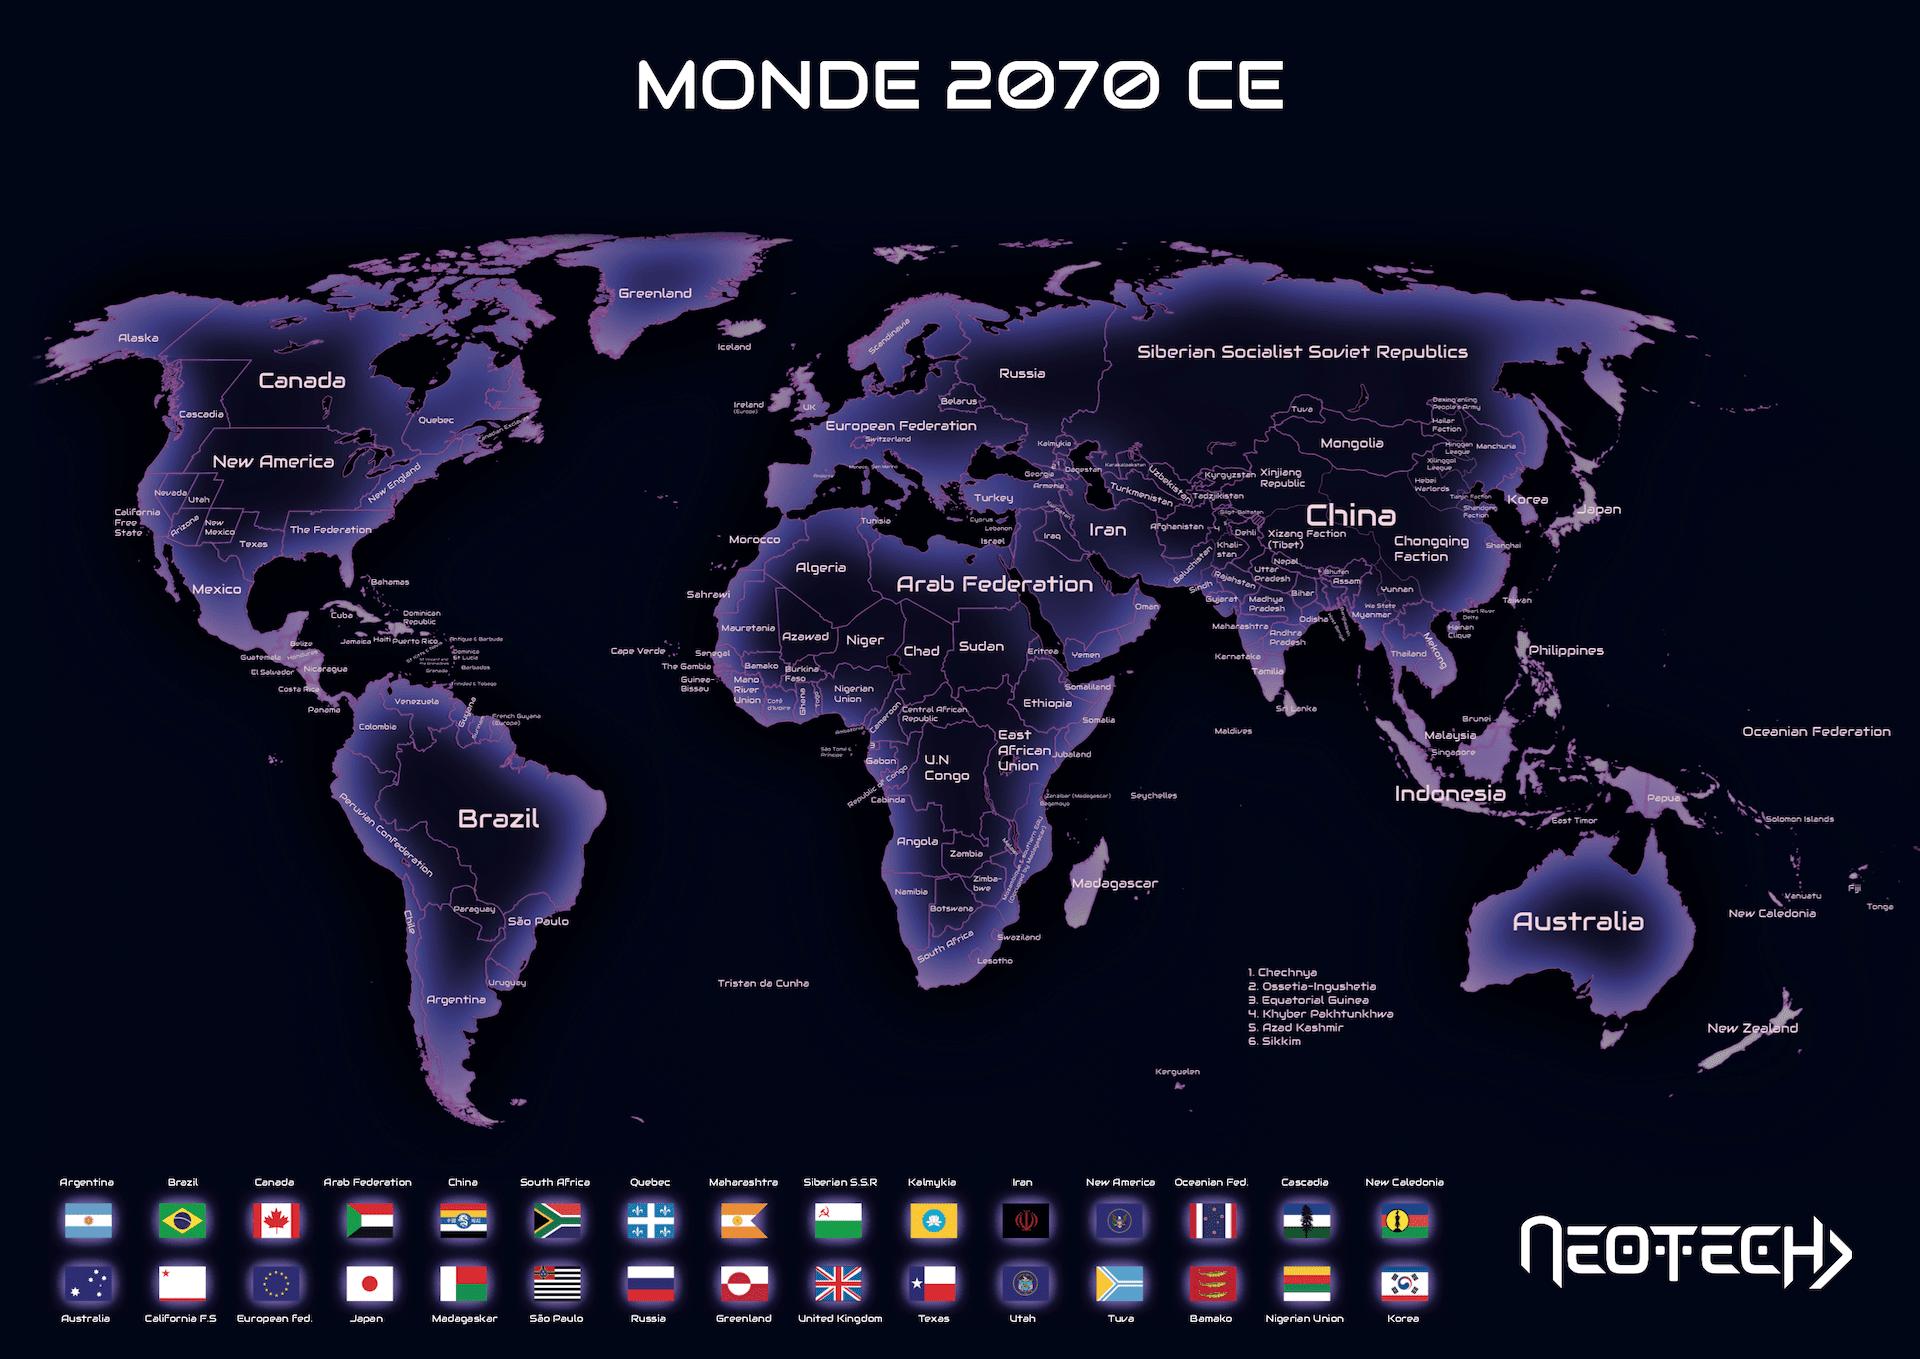 Världskarta 2070